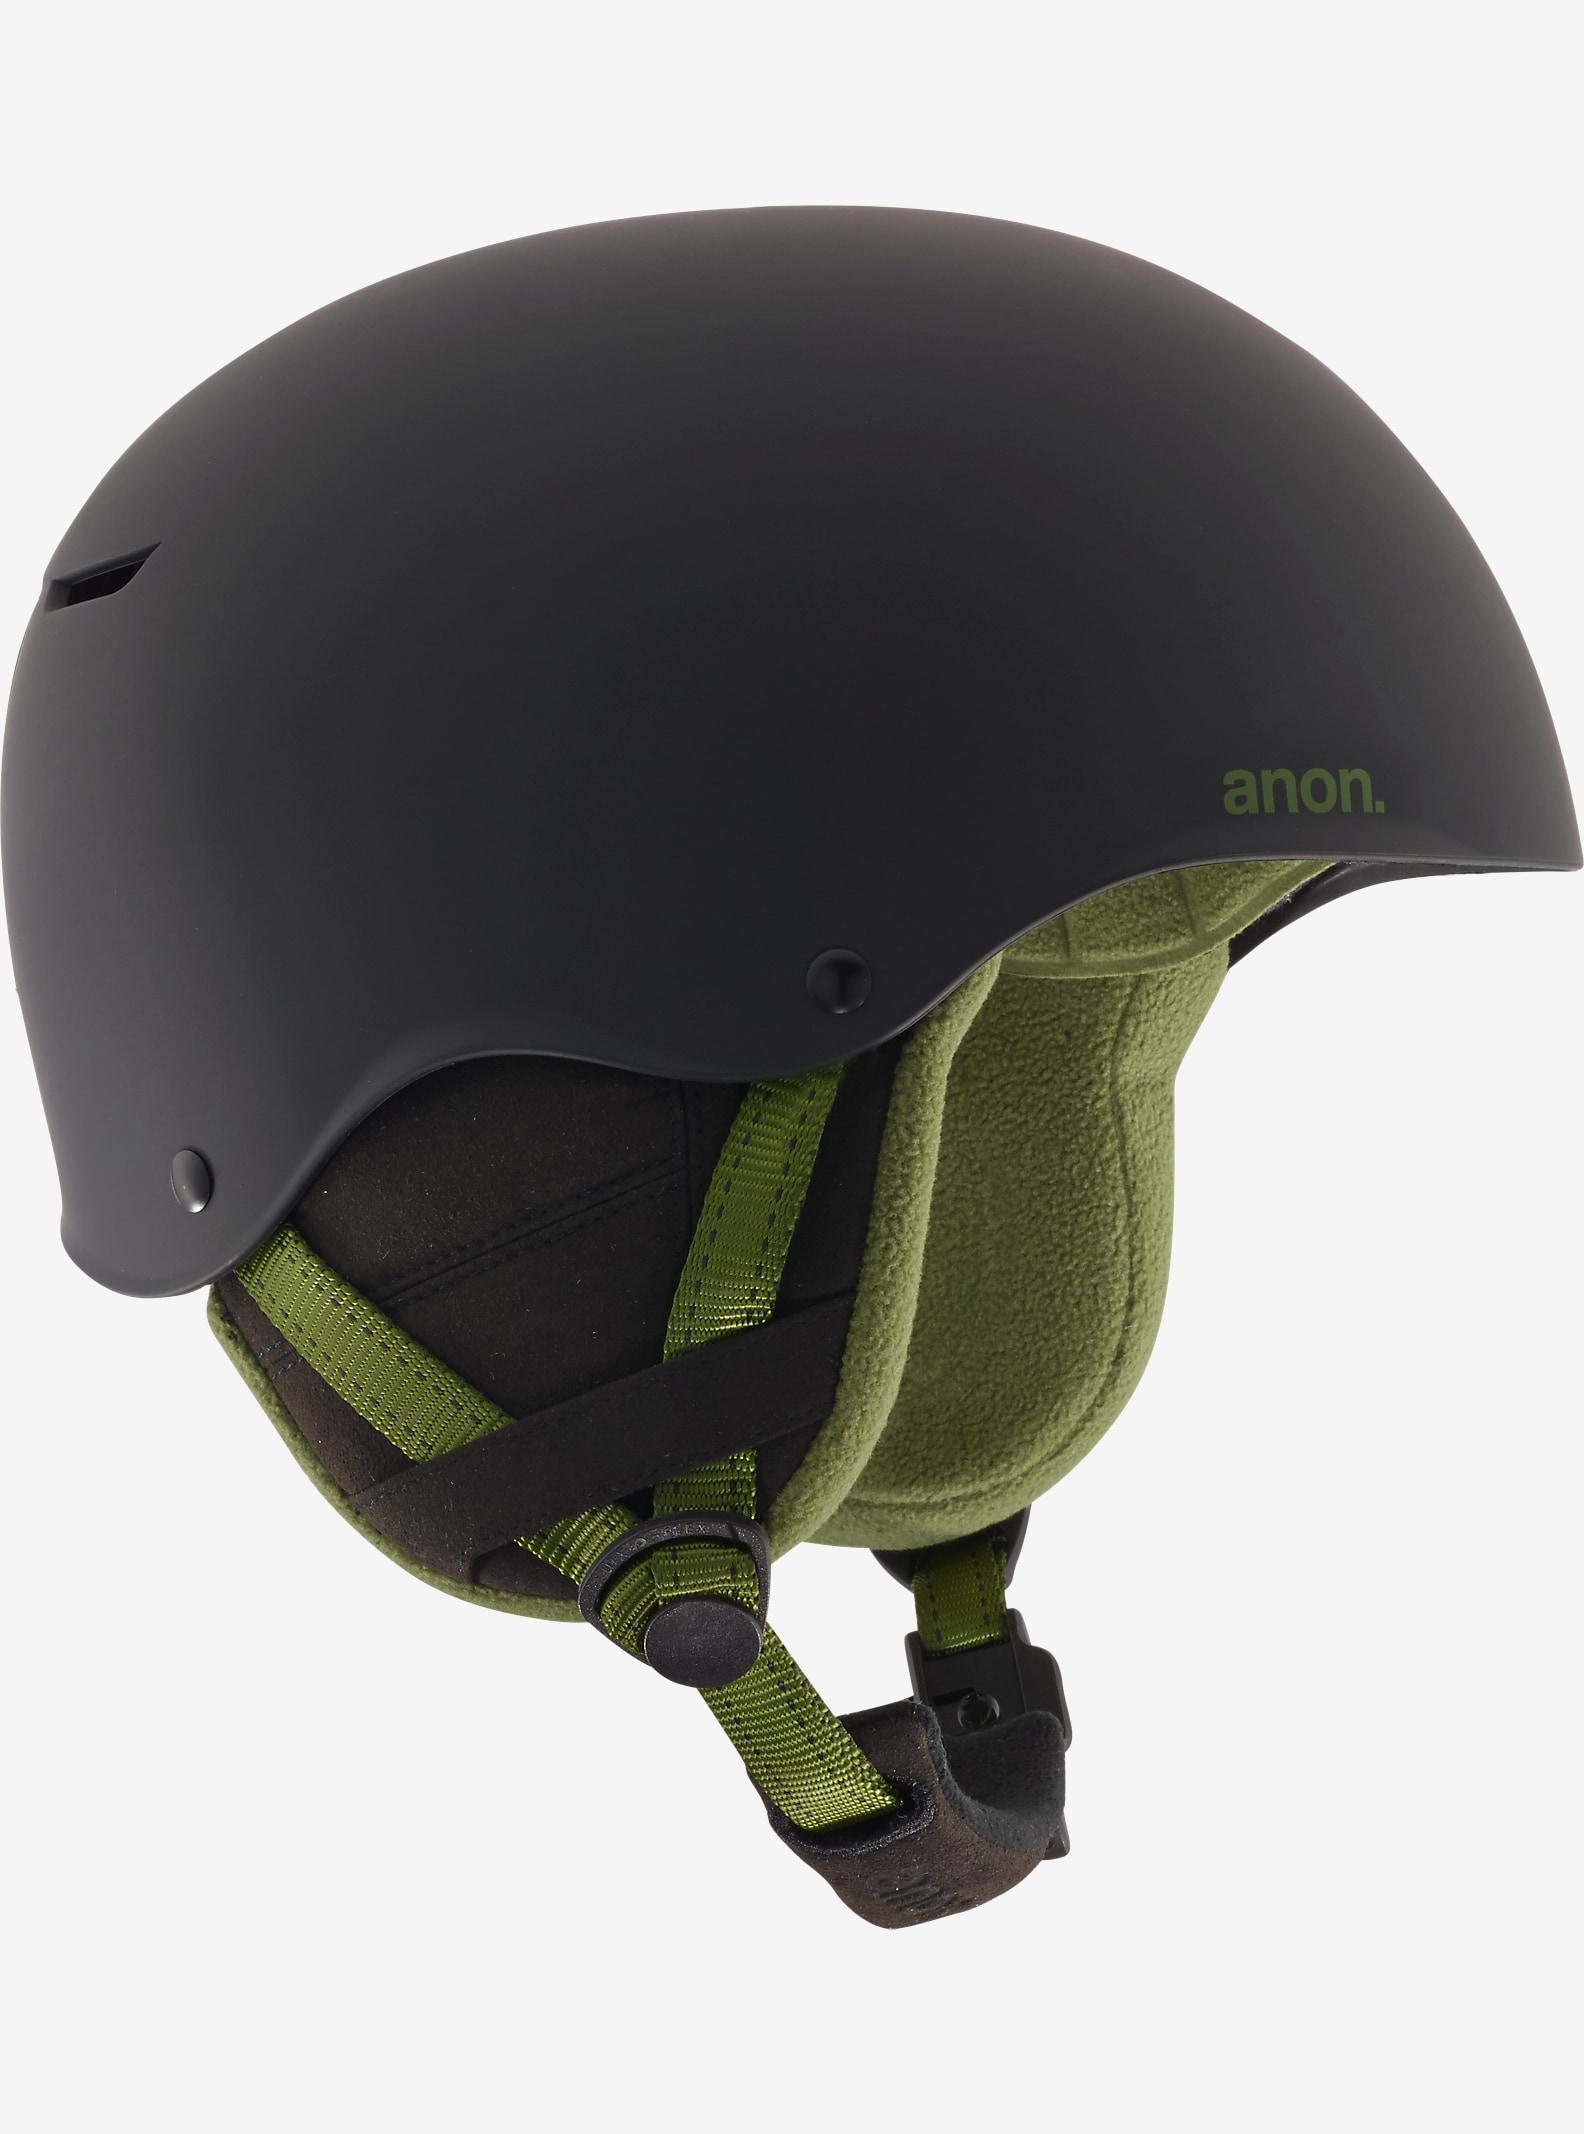 anon. Endure Helmet shown in Black Olive